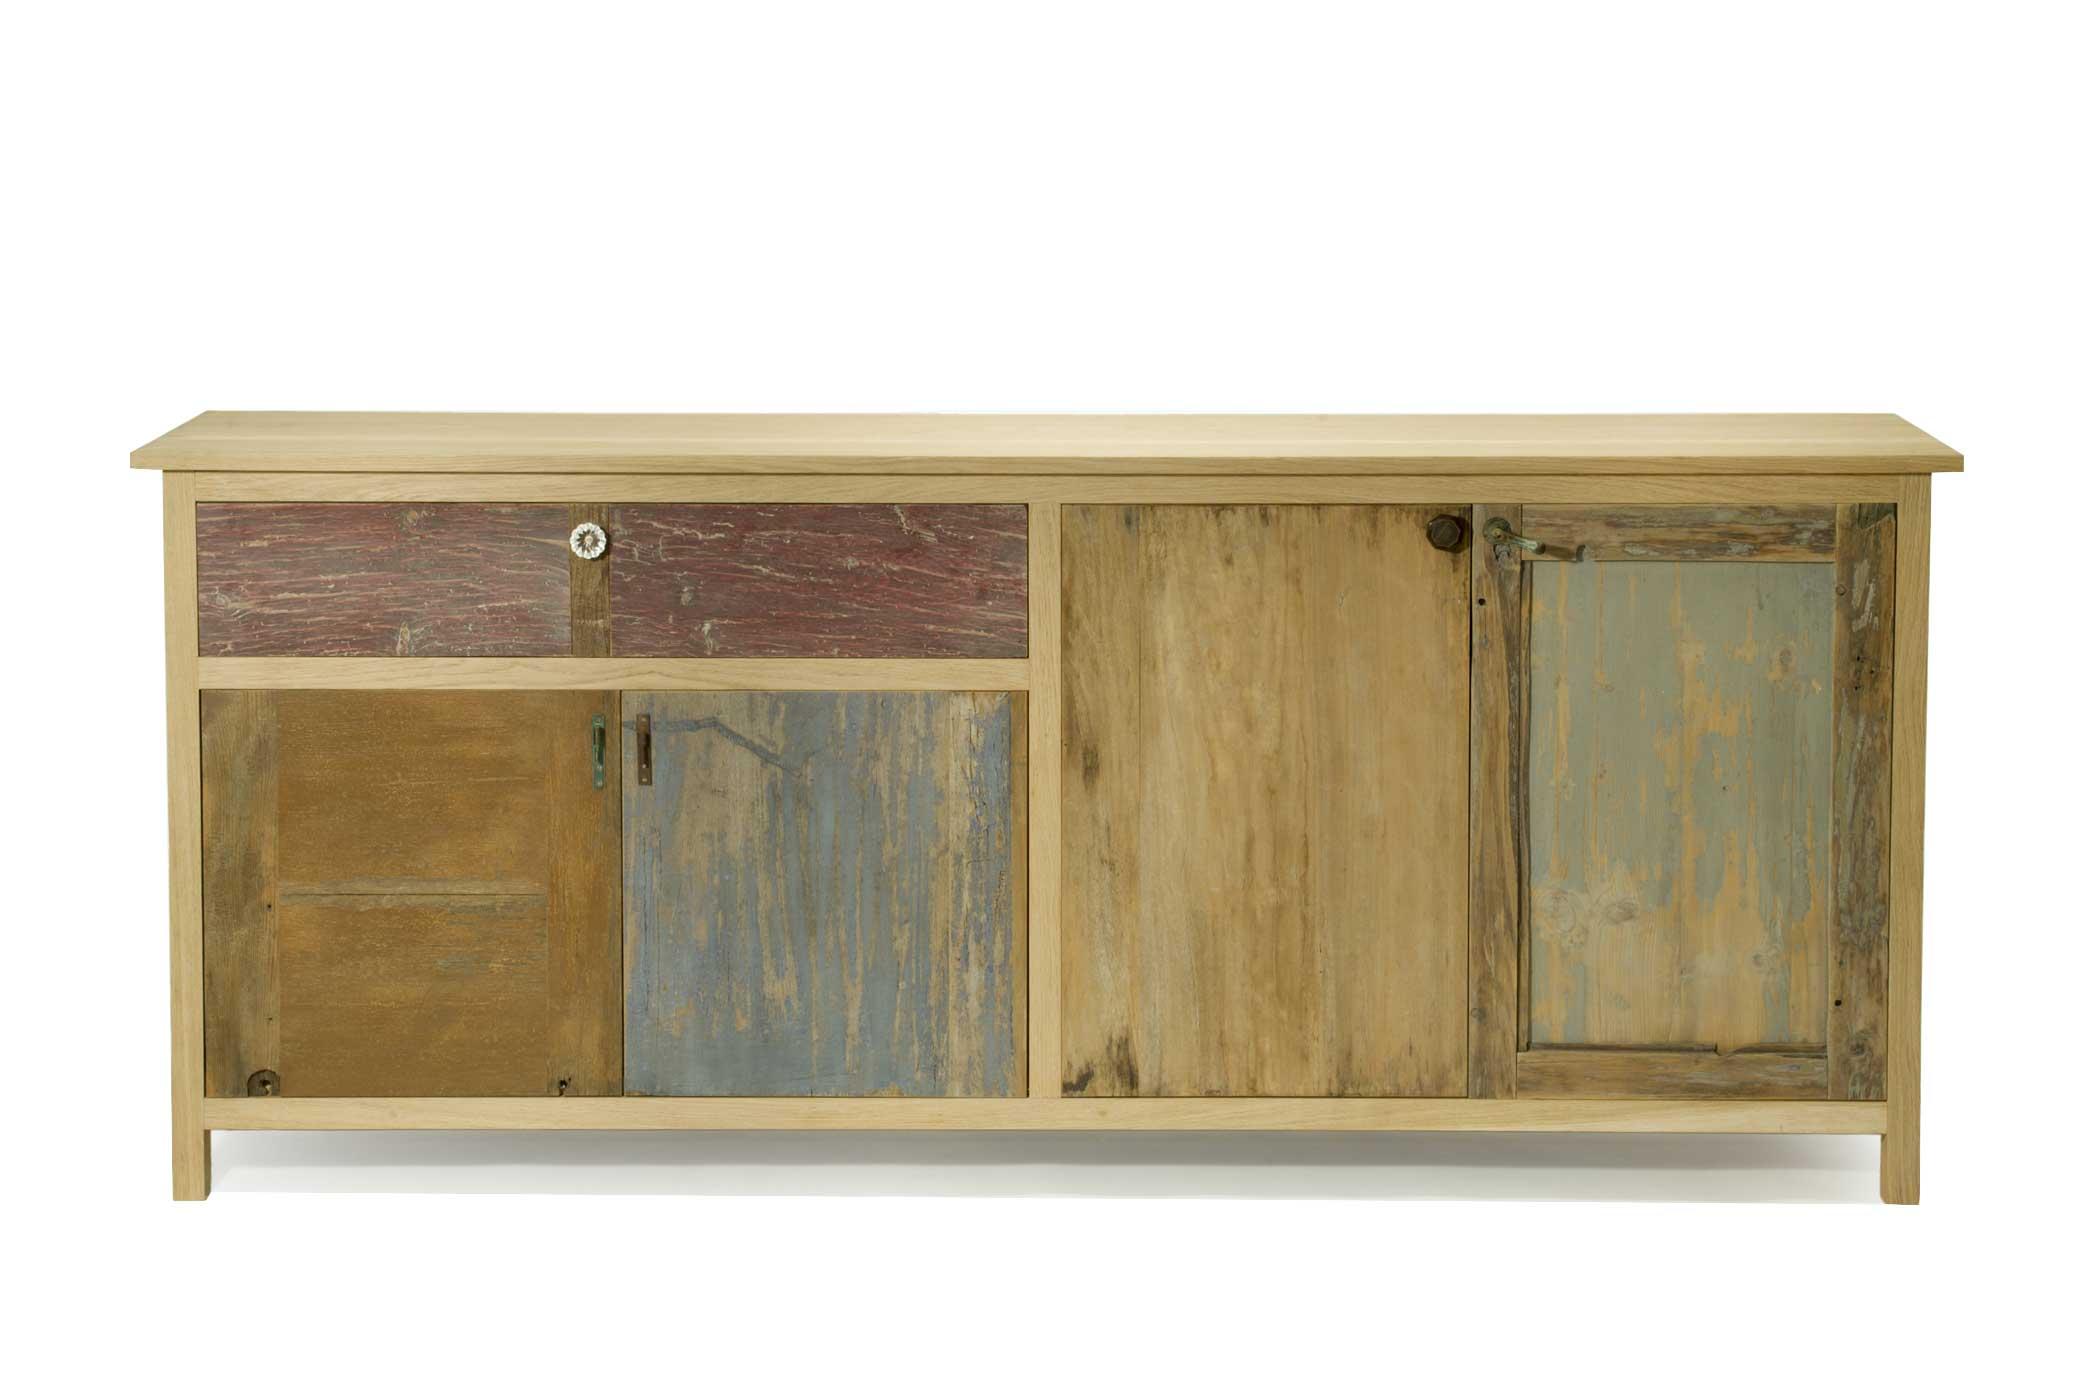 Credenza artigianale in legno naturale e cassetti e sportelli in legno di recupero rigenerato